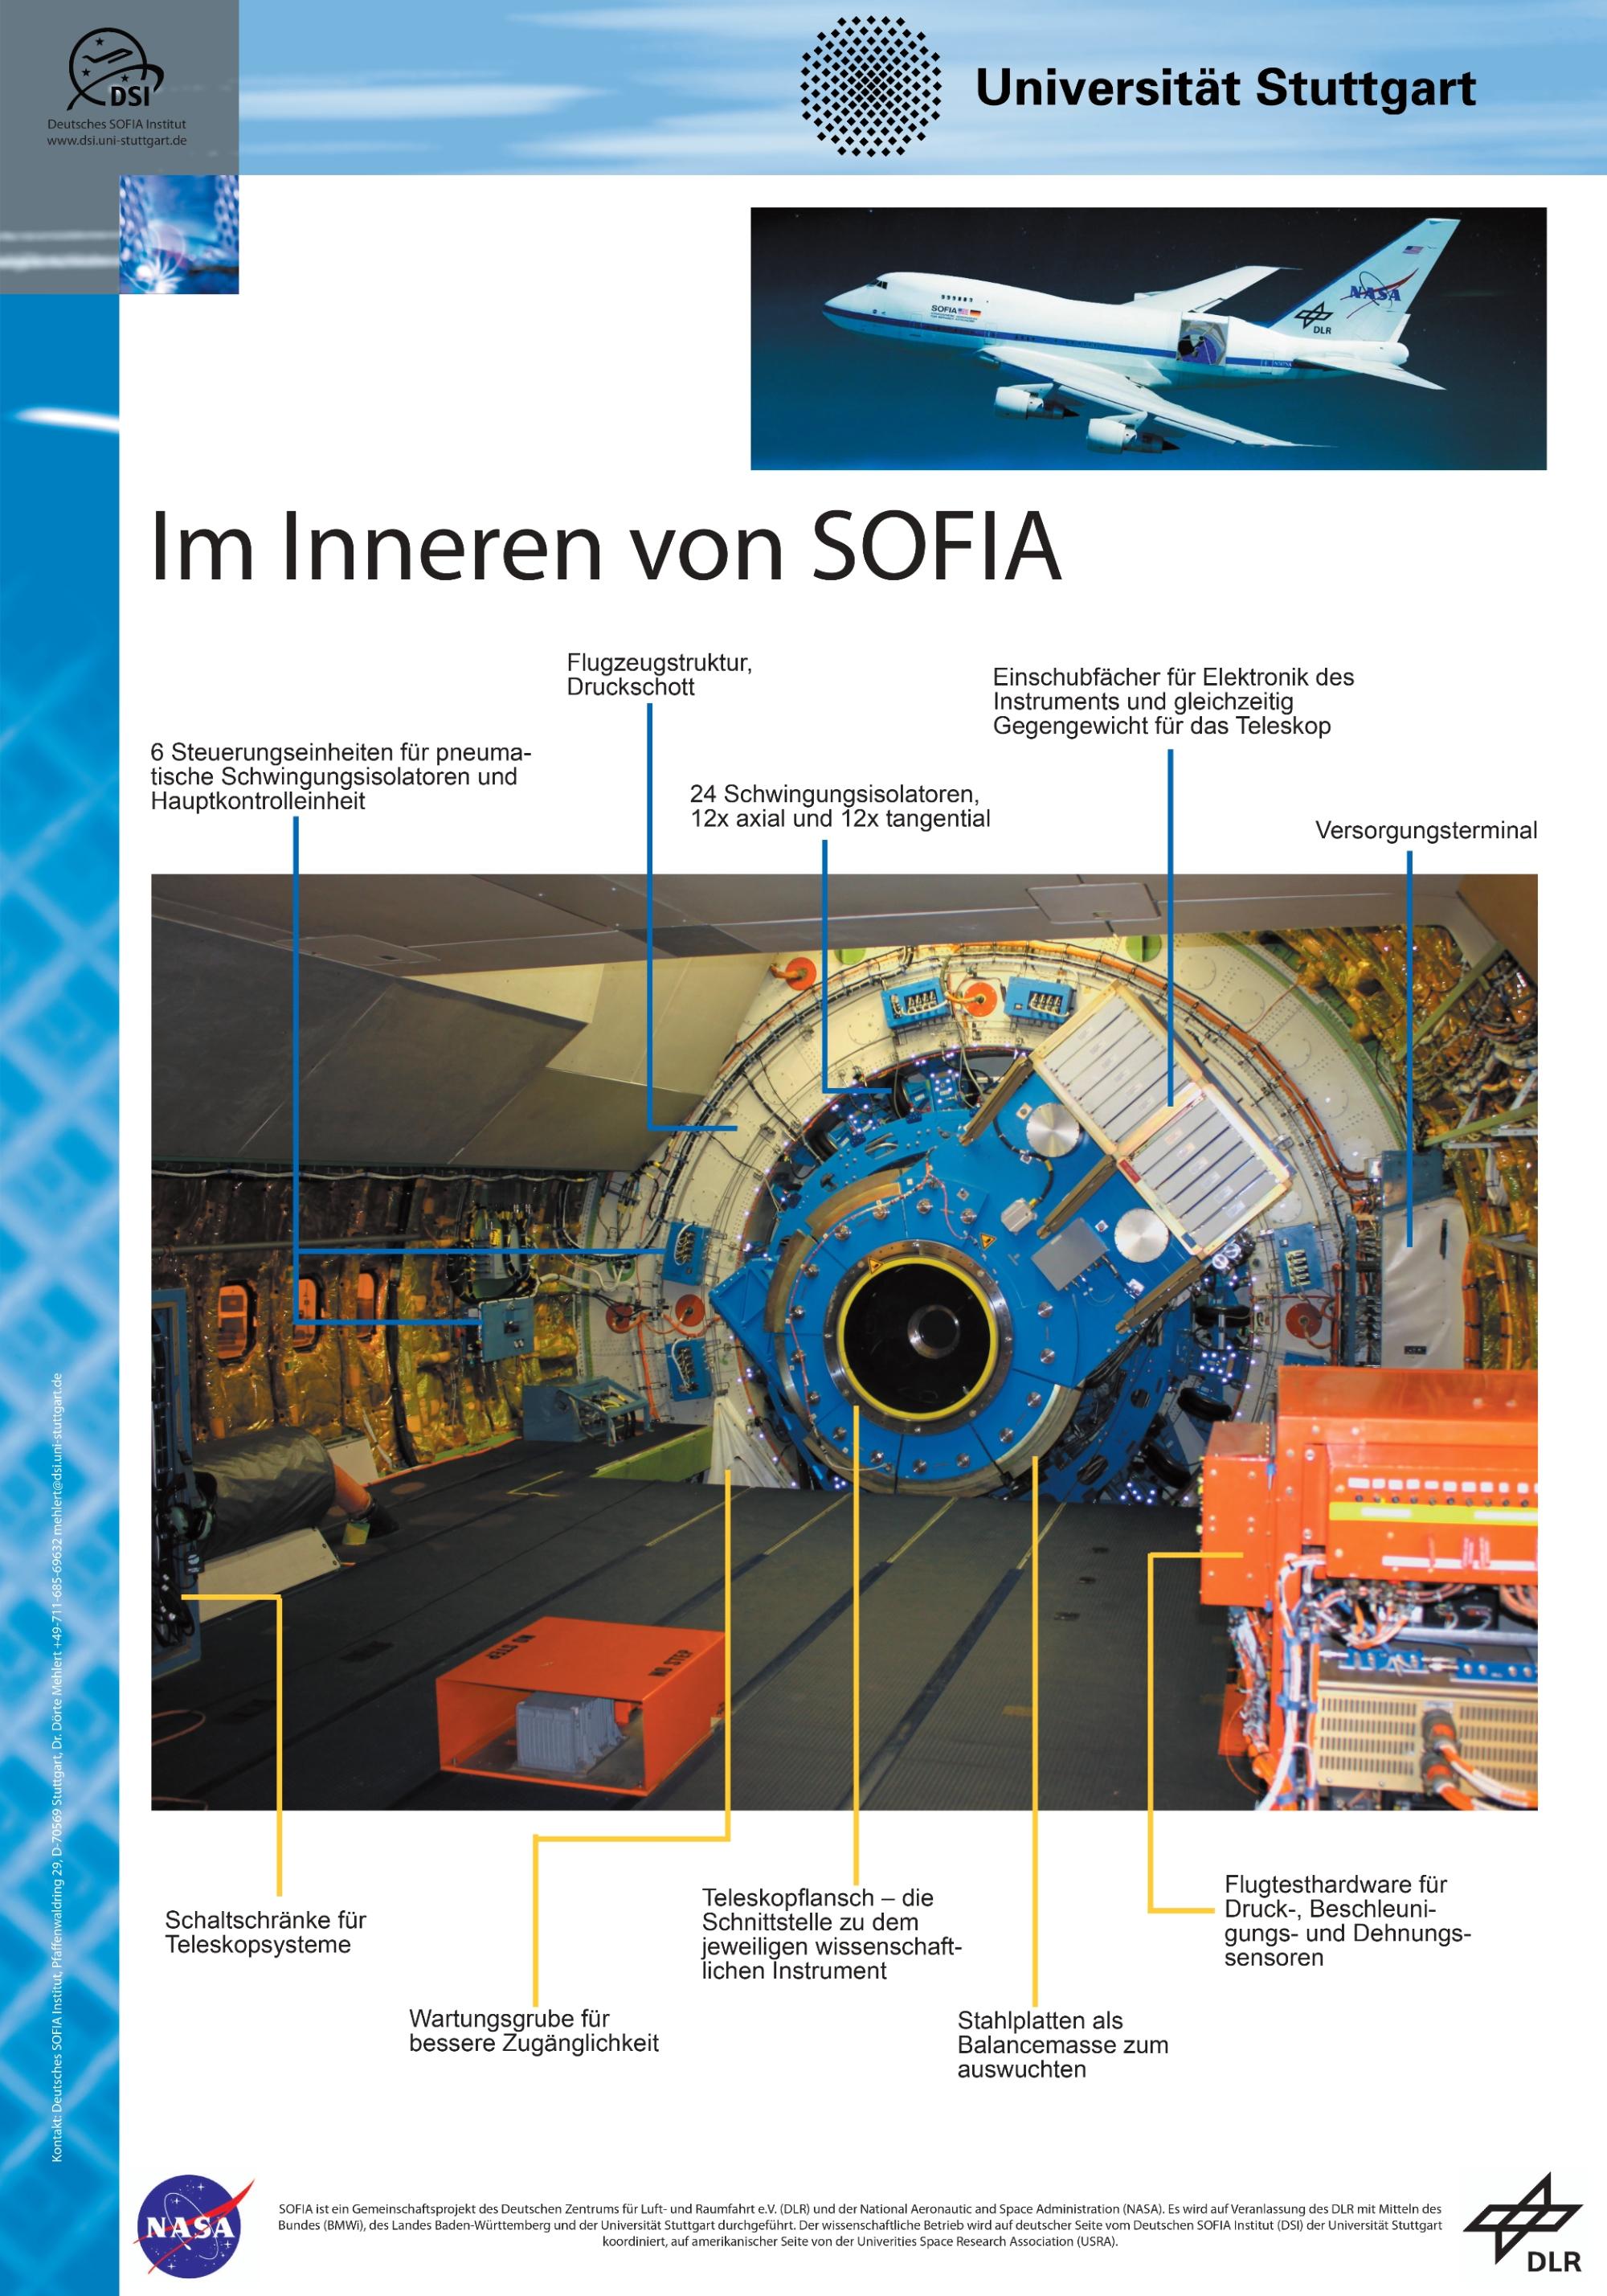 https://opencms.uni-stuttgart.de/project/dsi/img/infomaterial/plakate/Im_Inneren_von_SOFIA_page-0001.jpg